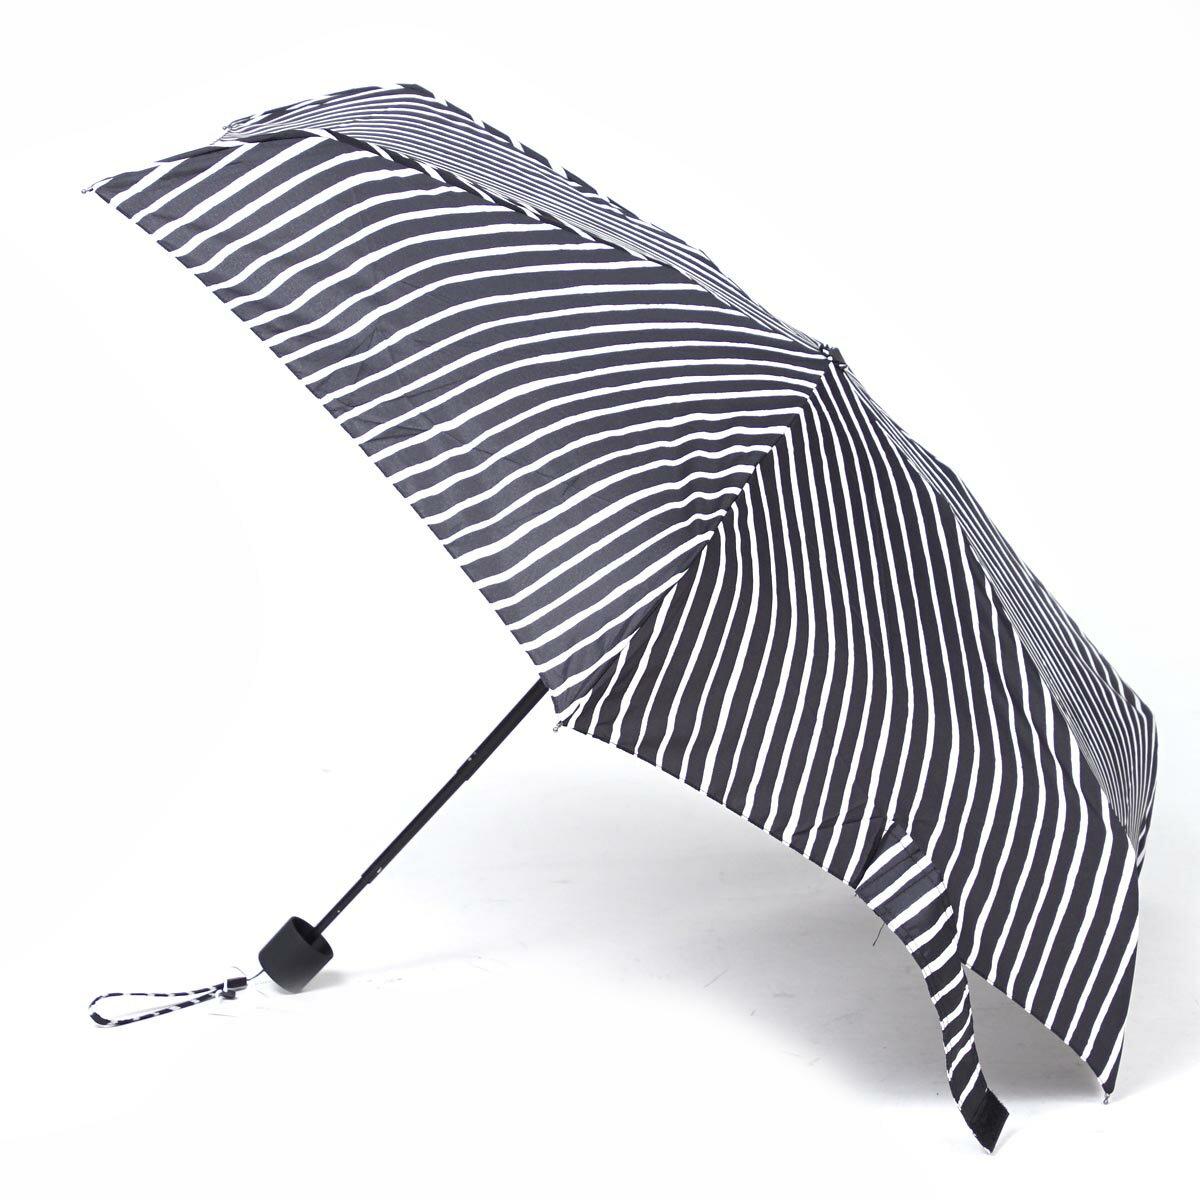 マリメッコ marimekko 折りたたみ傘 ブラック レディース 傘 雨 ミニ 43442 022 PICCOLO MINI【ラッピング無料】【返品送料無料】【181119】【あす楽対応_関東】